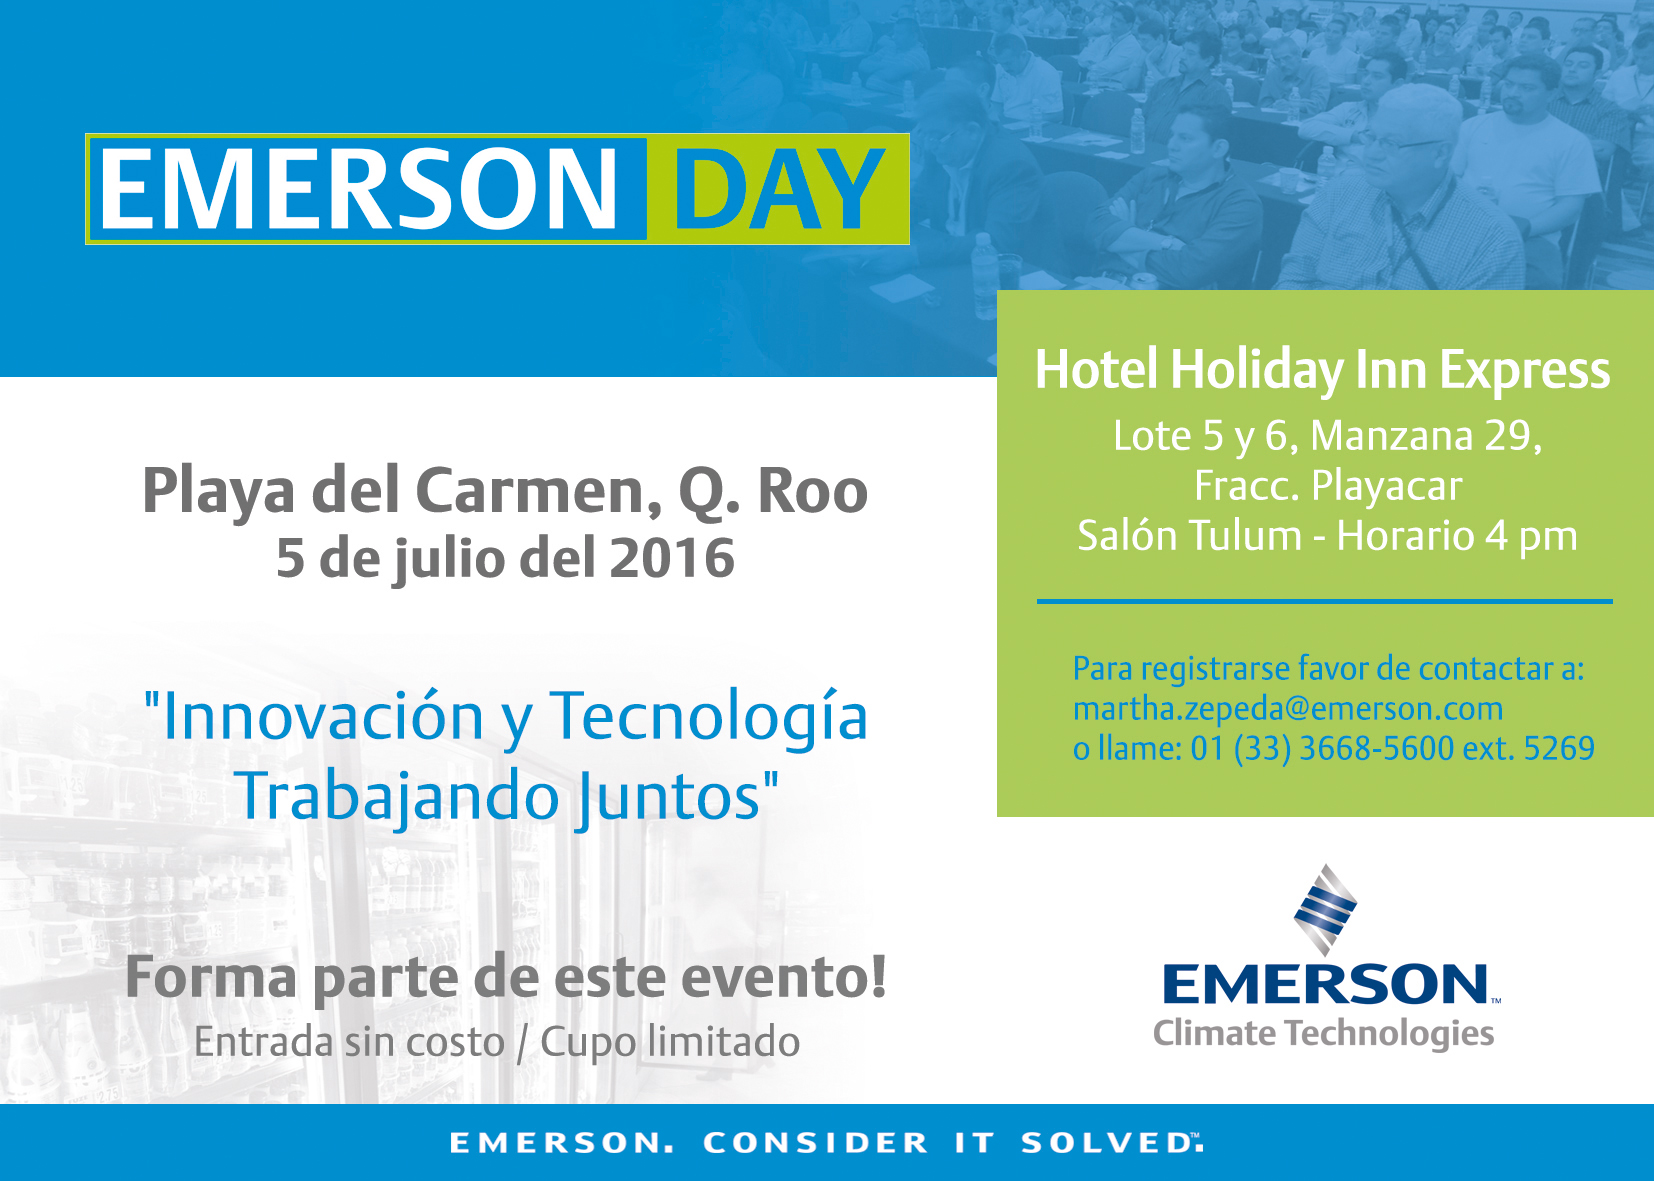 Emerson Day Playa del Carmen